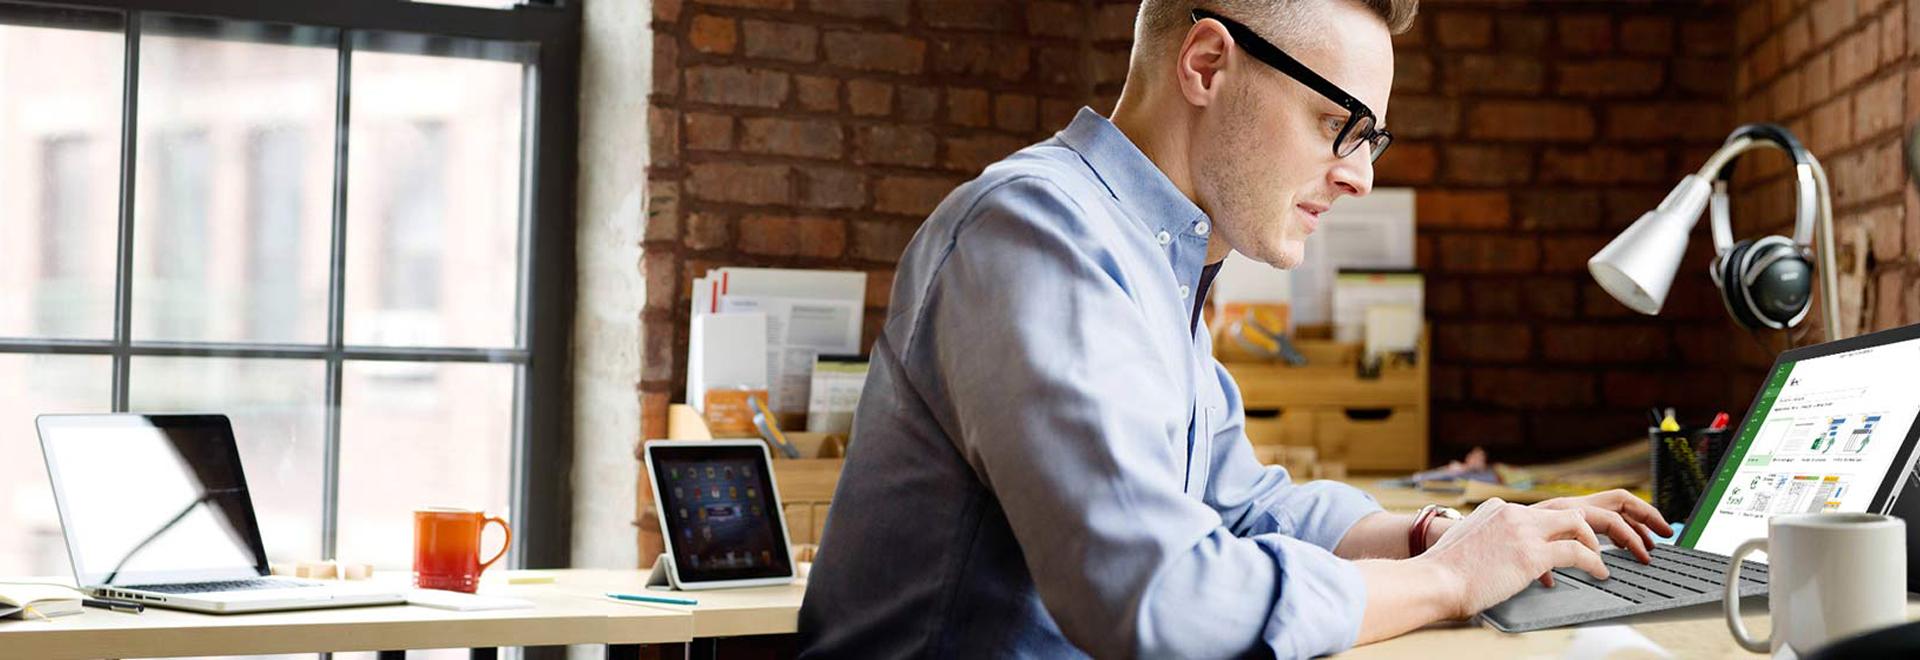 Un hombre sentado en un escritorio trabajando en una tableta Surface con Microsoft Project.